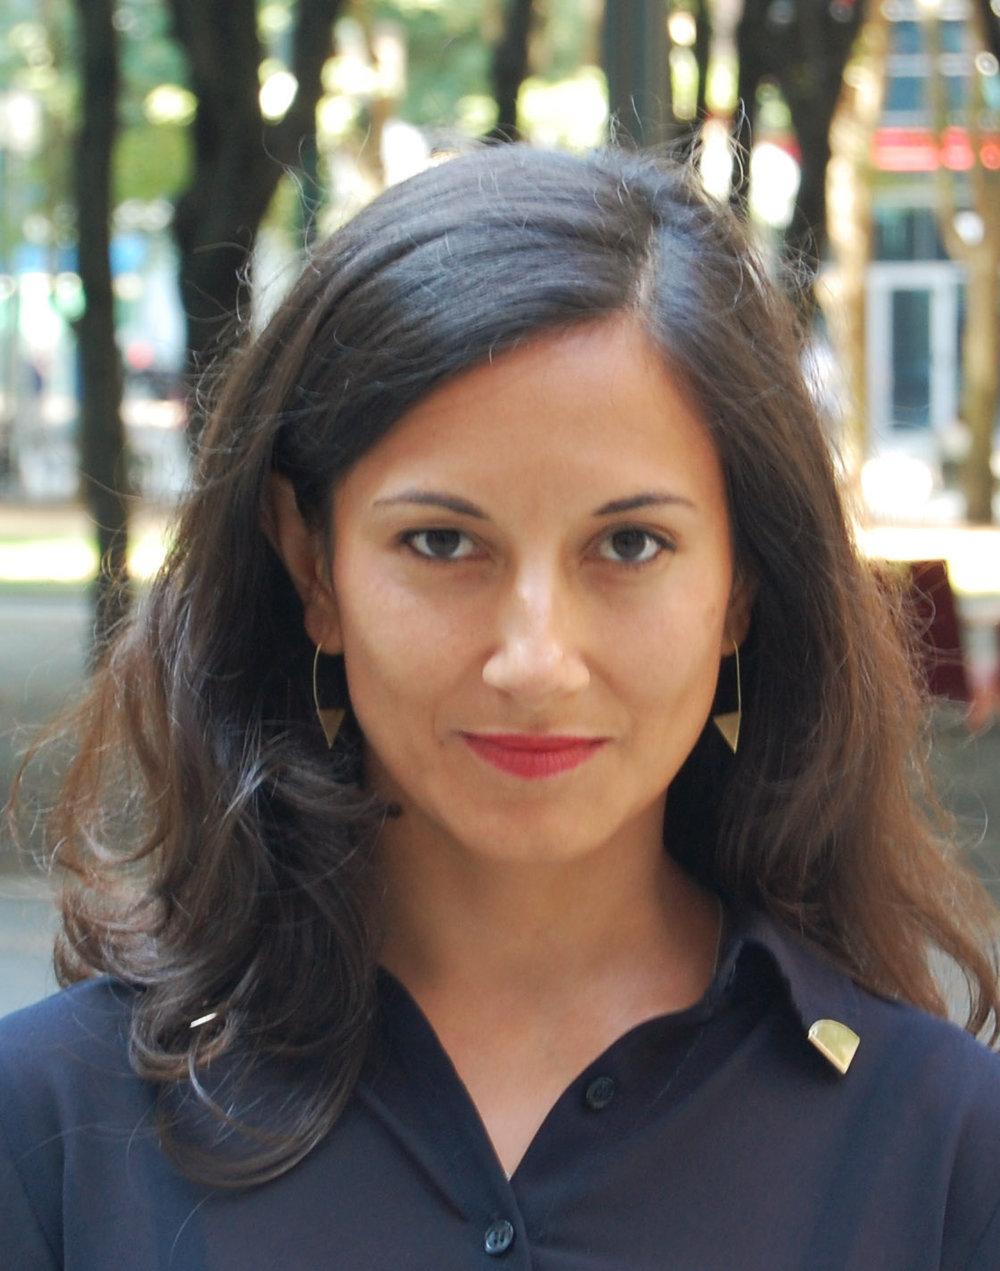 Anita E. Weis